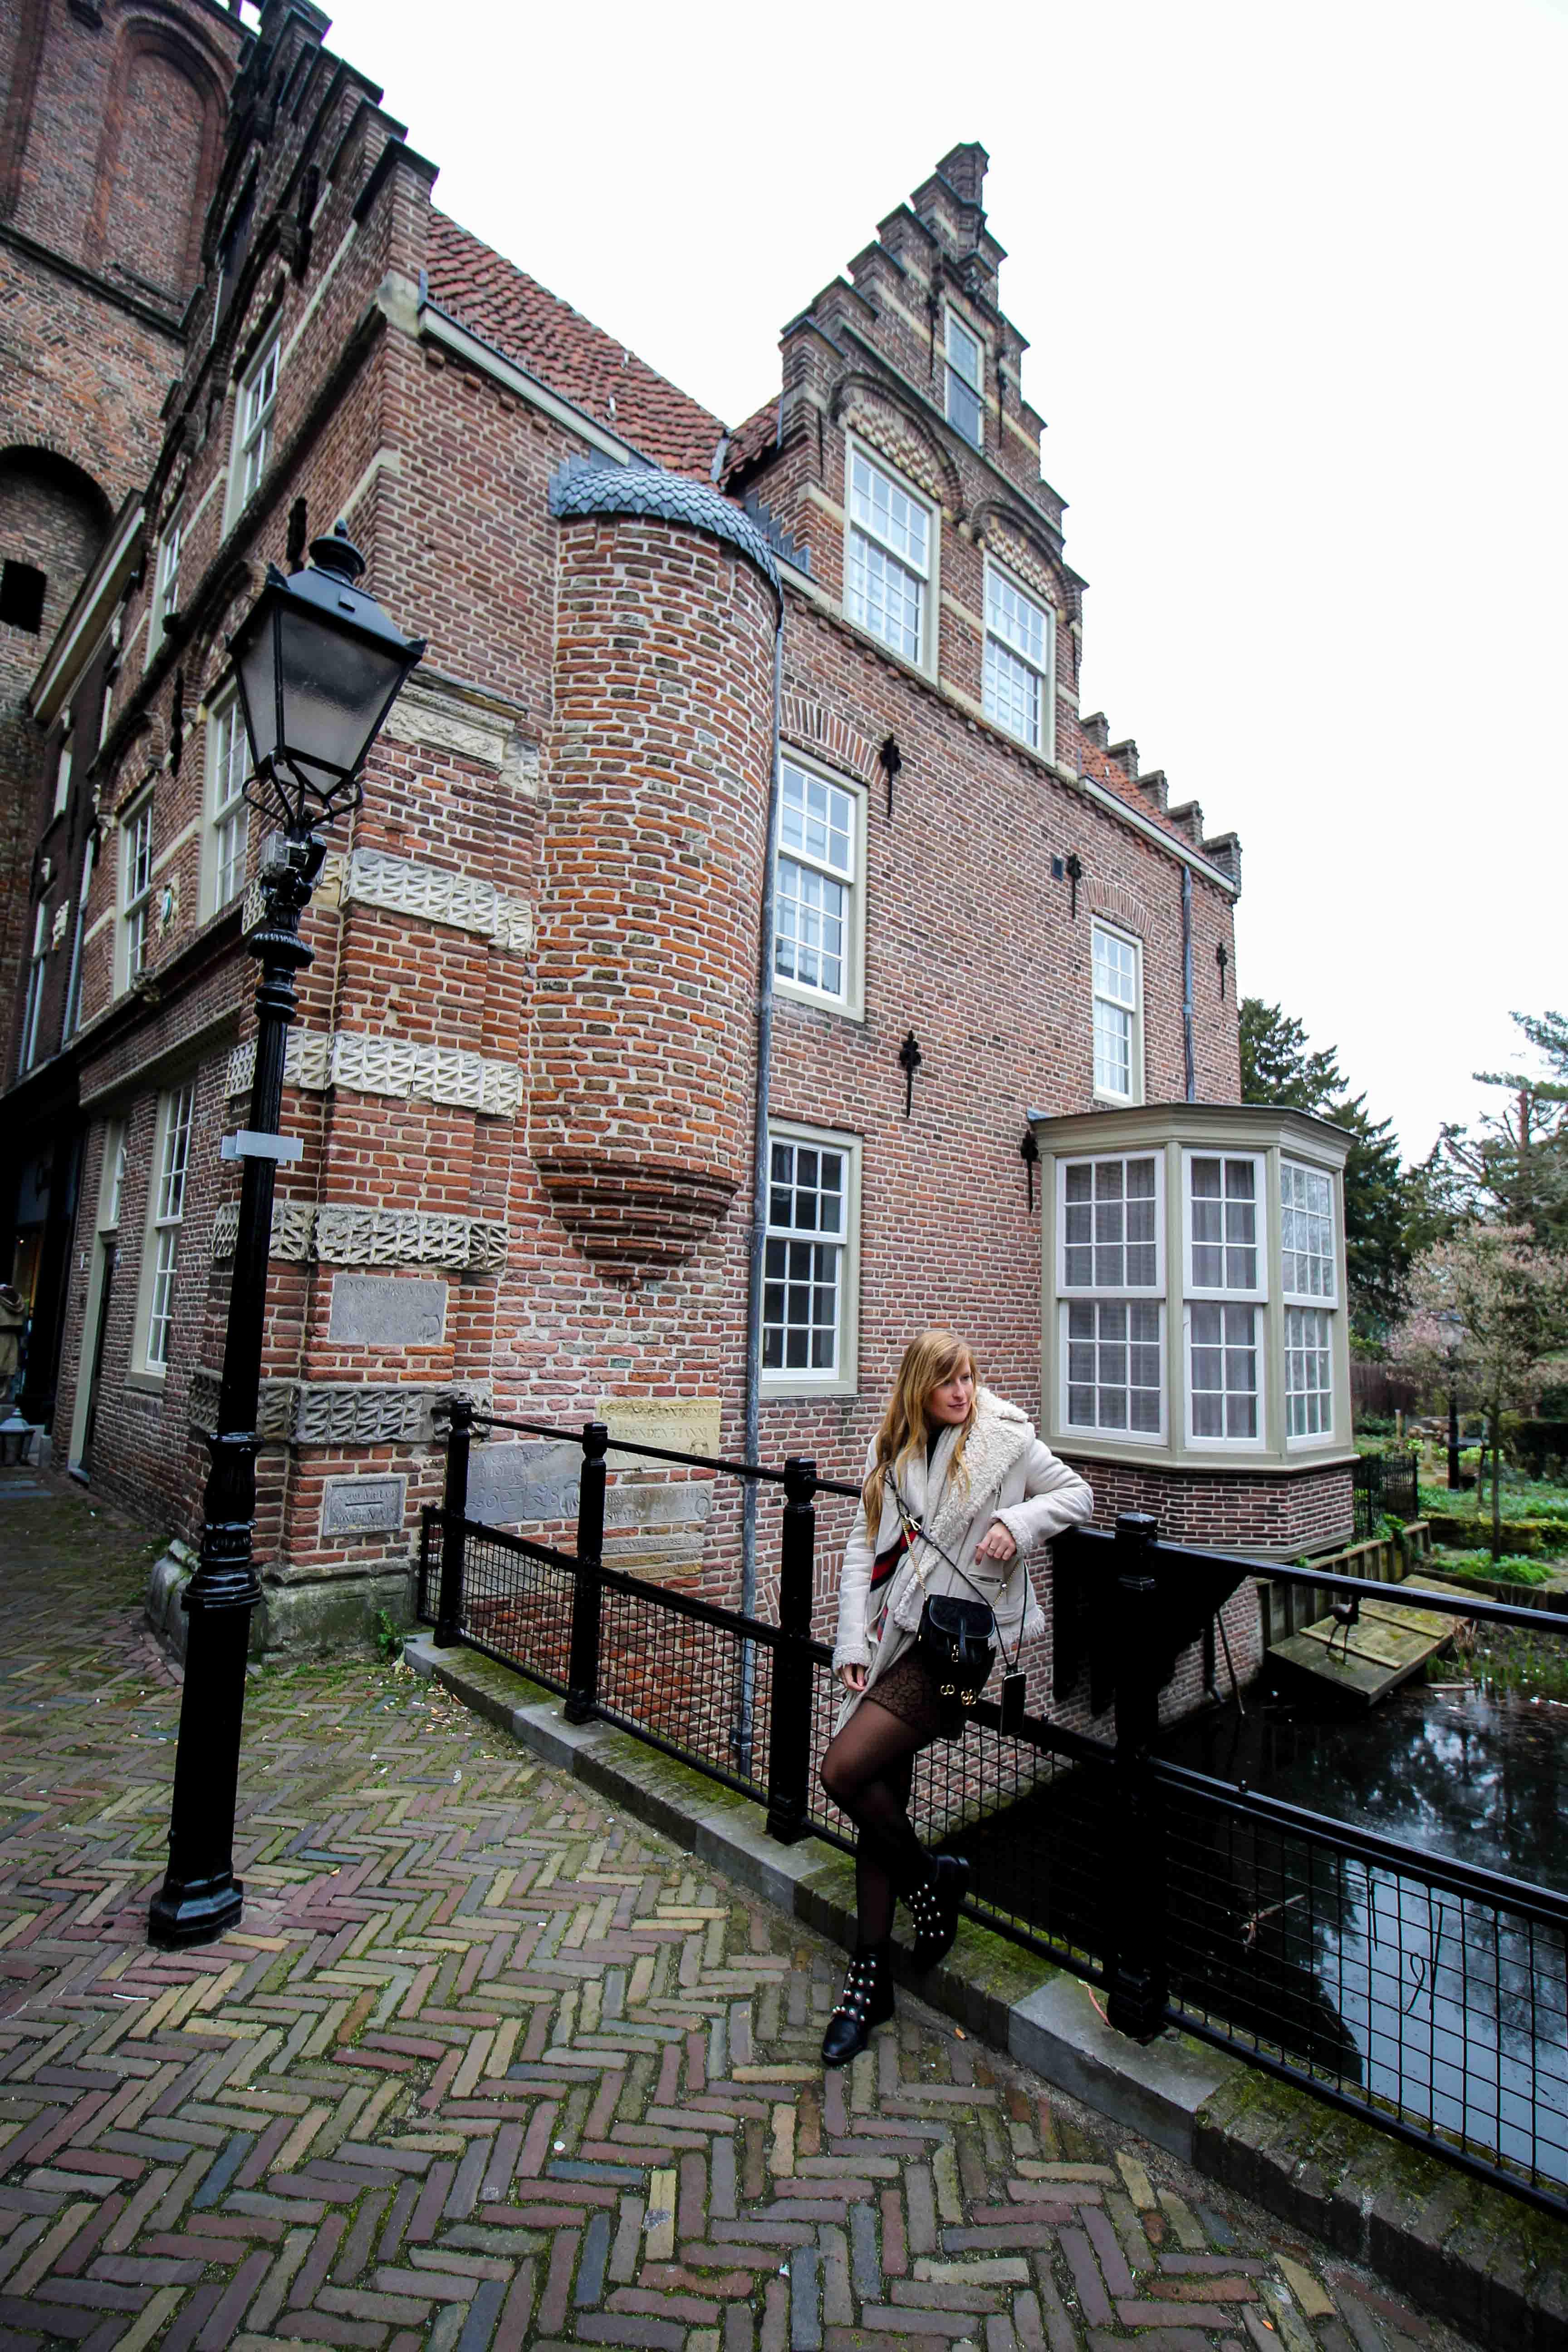 Wochenendtrip Holland Culemborg Innenstadt Altstadt das andere Holland Reiseblog Ausflug von Deutschland 3